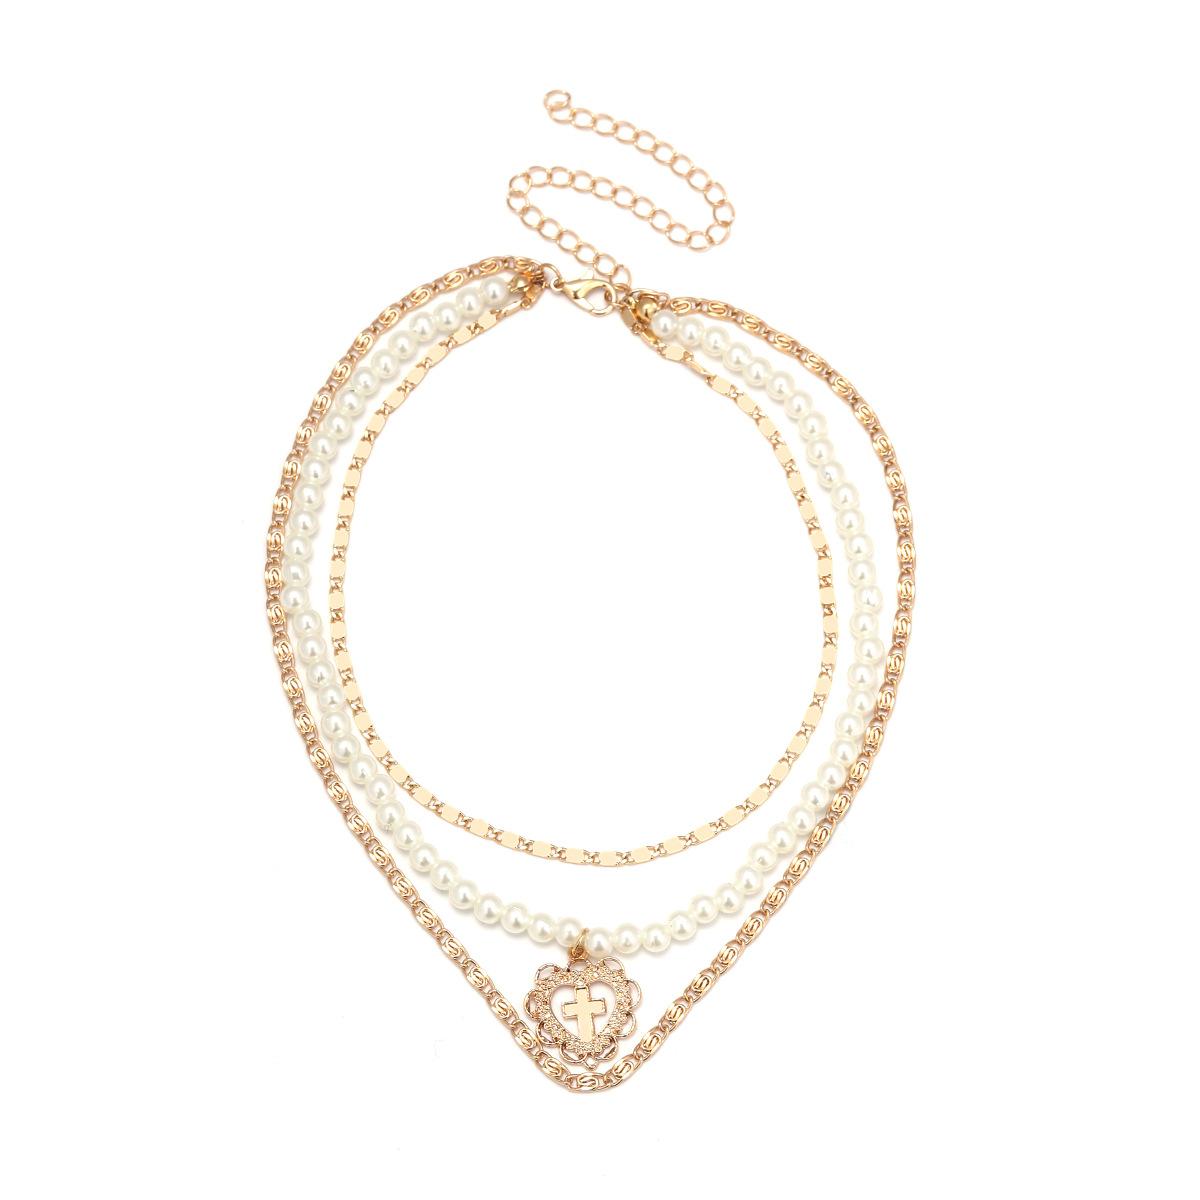 Alloy Fashion Sweetheart Clavicular chain(Golden) NHXR2261-Golden